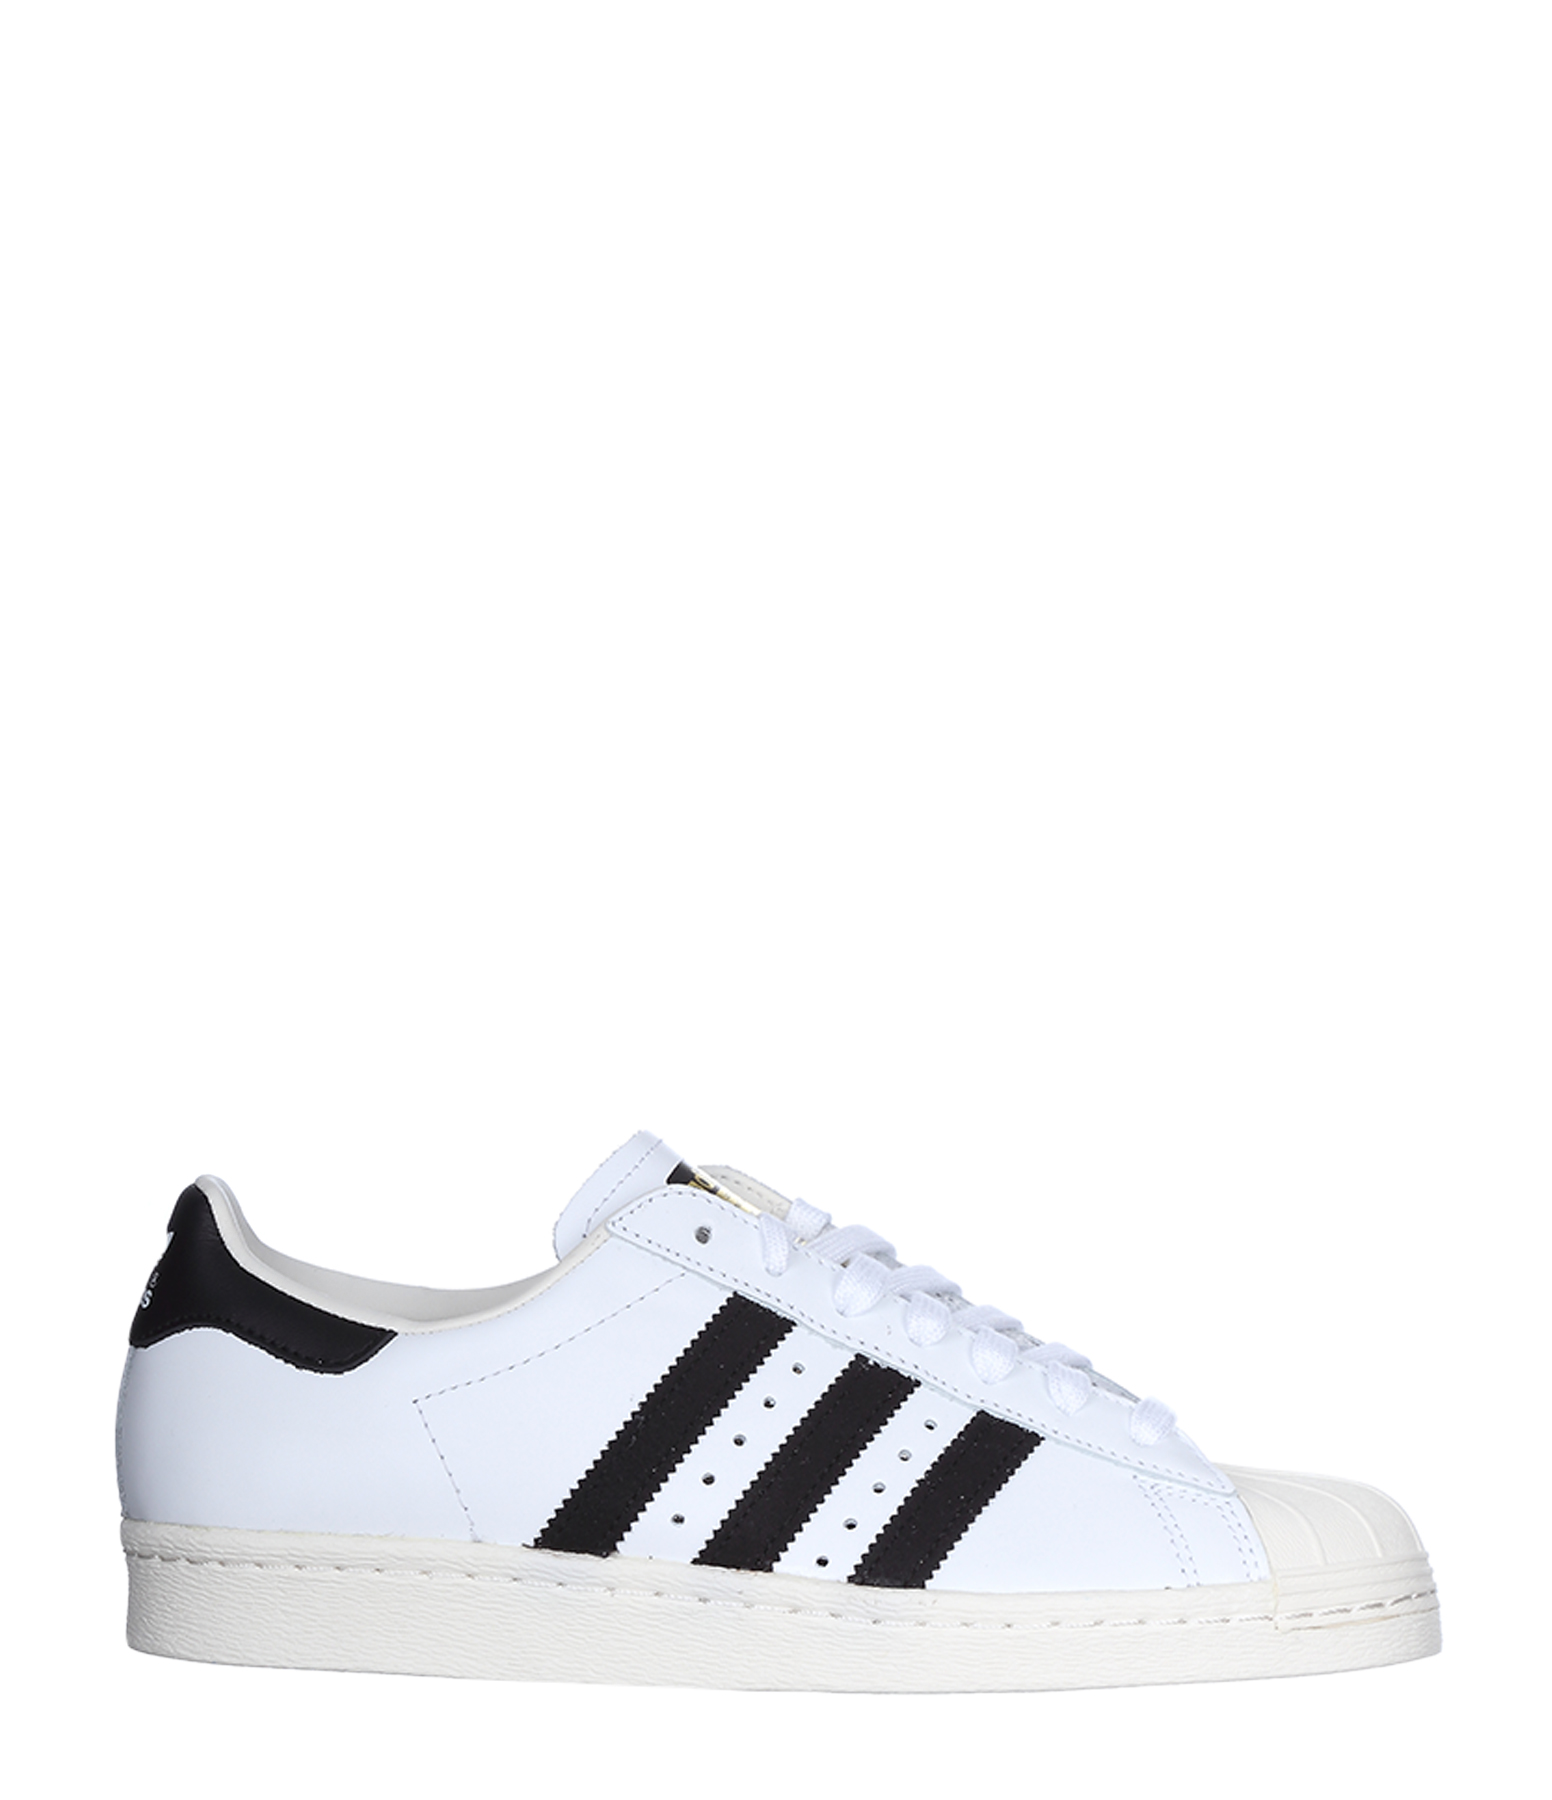 Sneakers Superstar 80s Blanc N